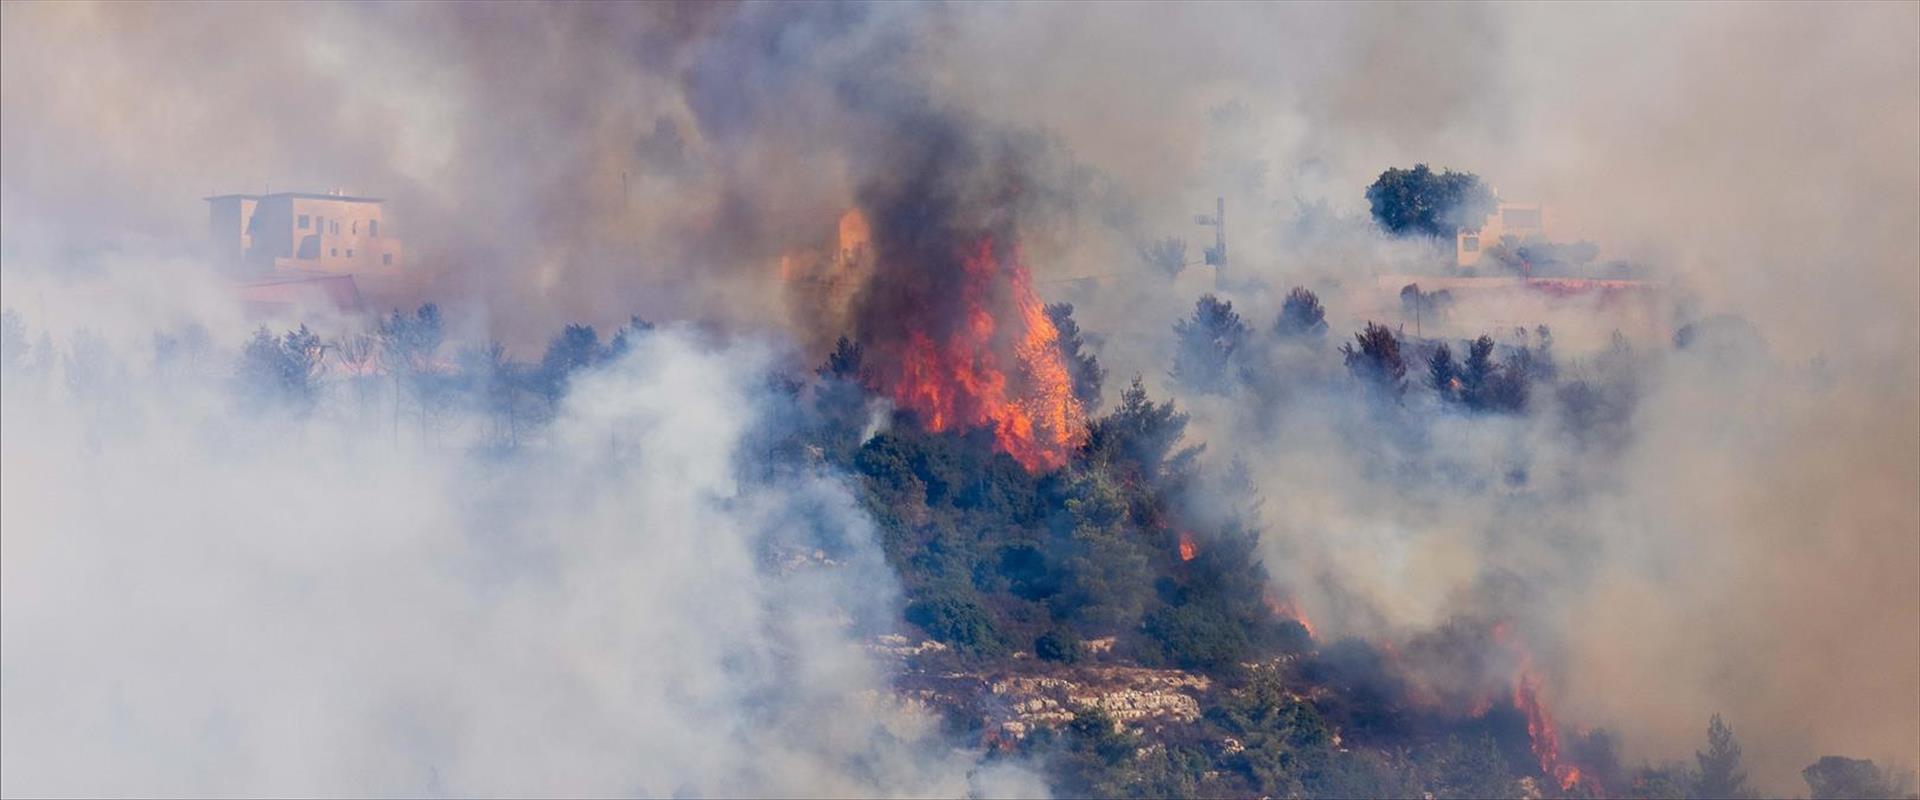 השריפה בהרי ירושלים מתעוררת